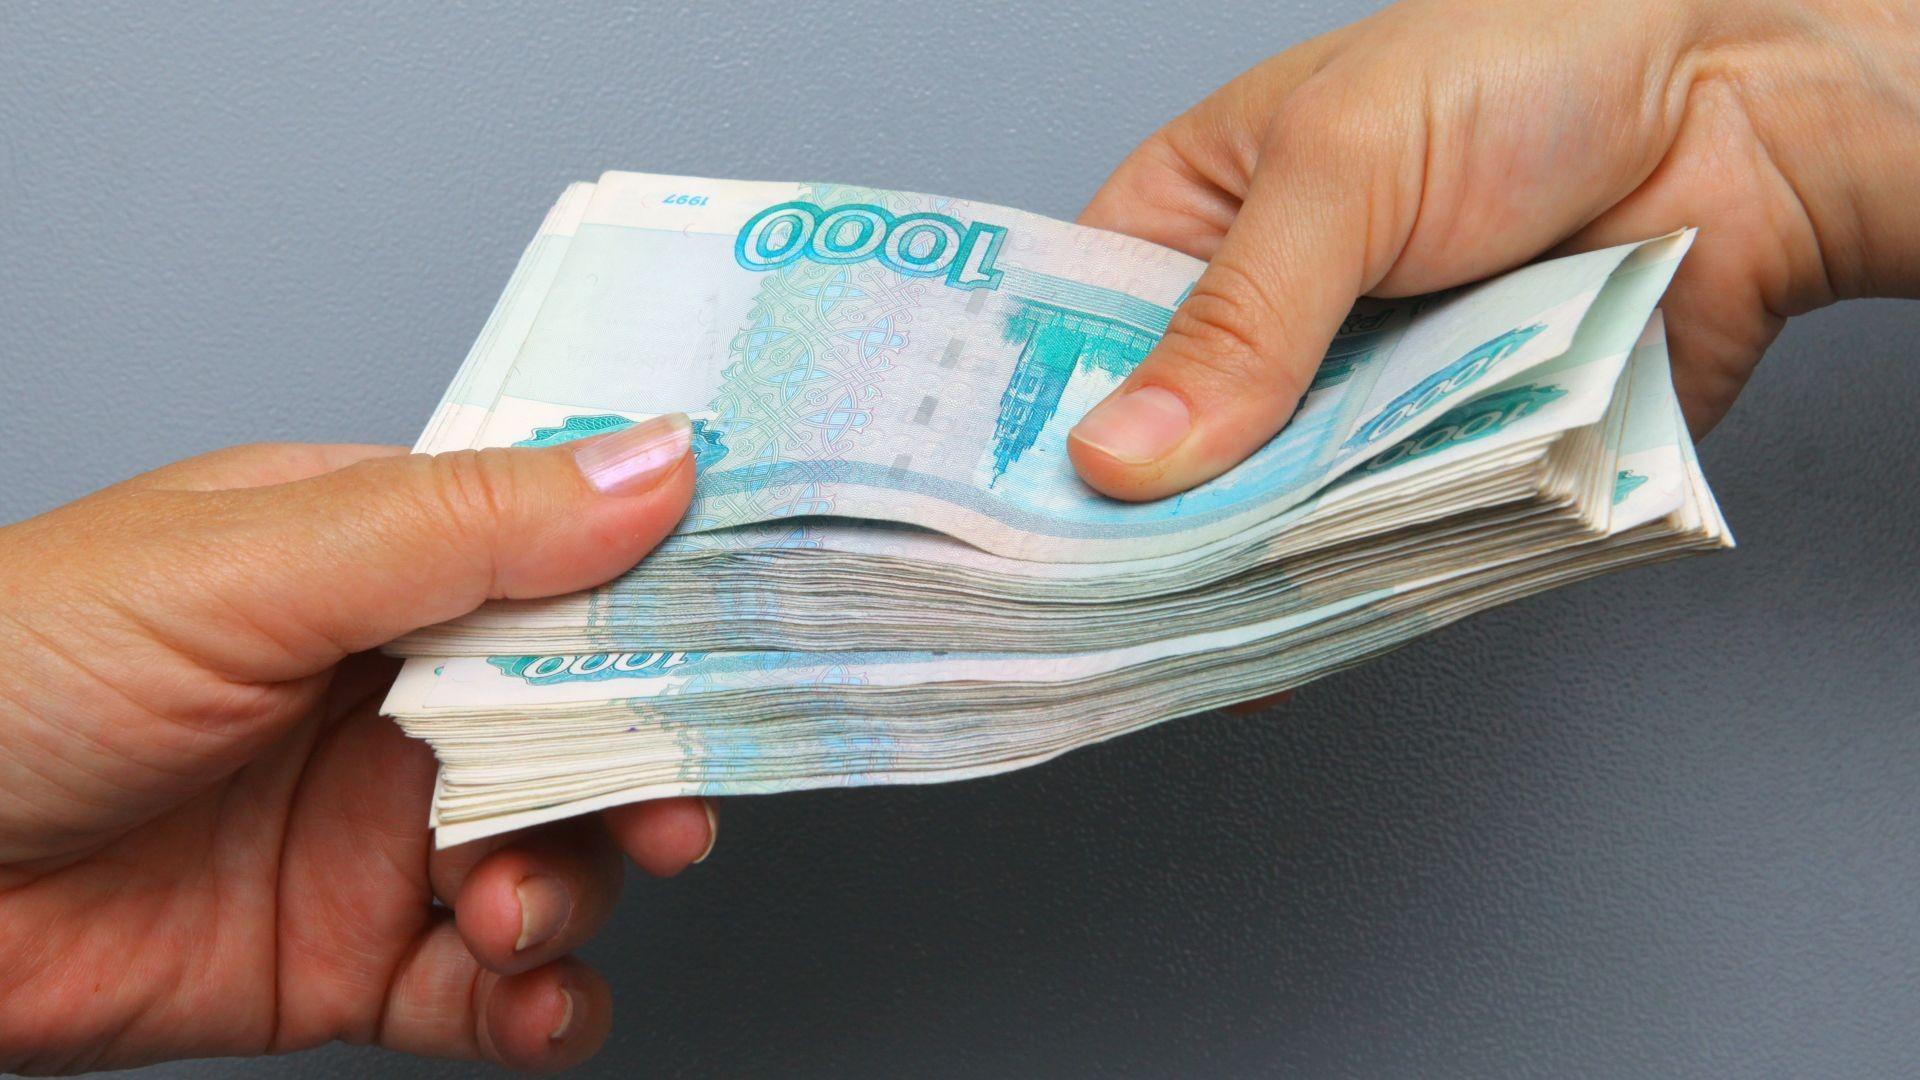 МФО - достойная альтернатива кредиту